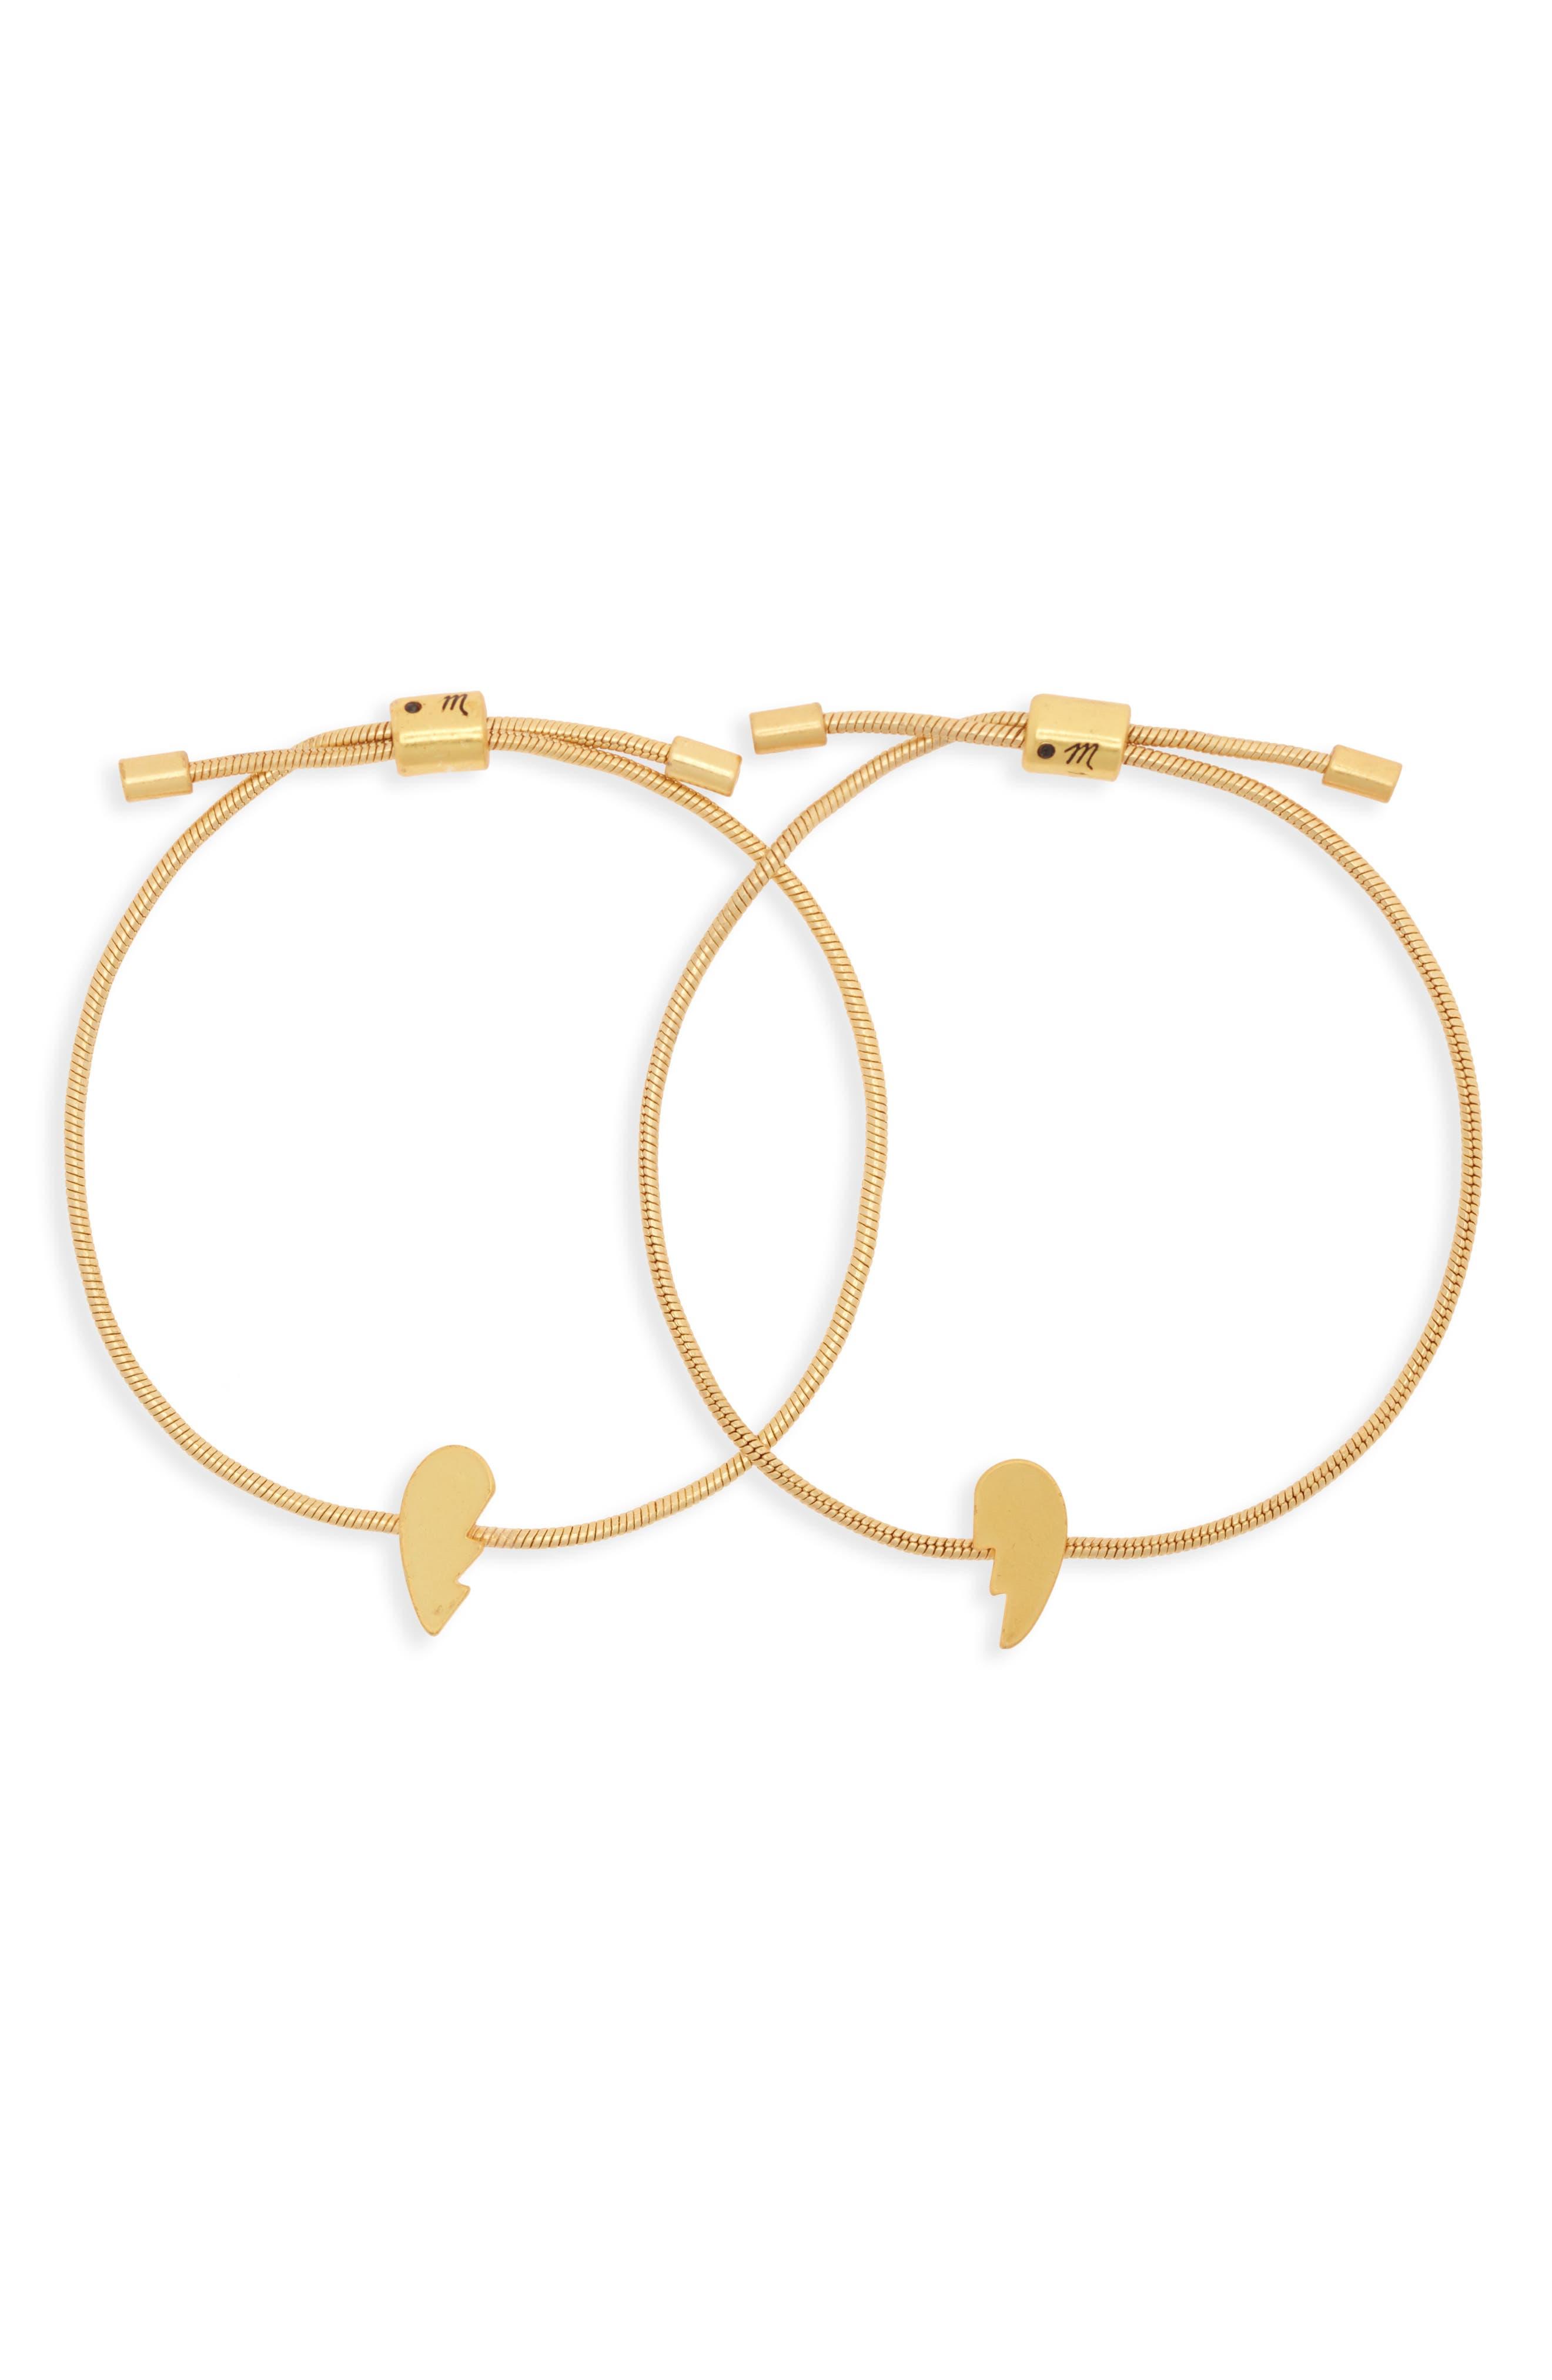 Set of 2 Friendship Bracelets,                         Main,                         color, BROKEN HEART SET